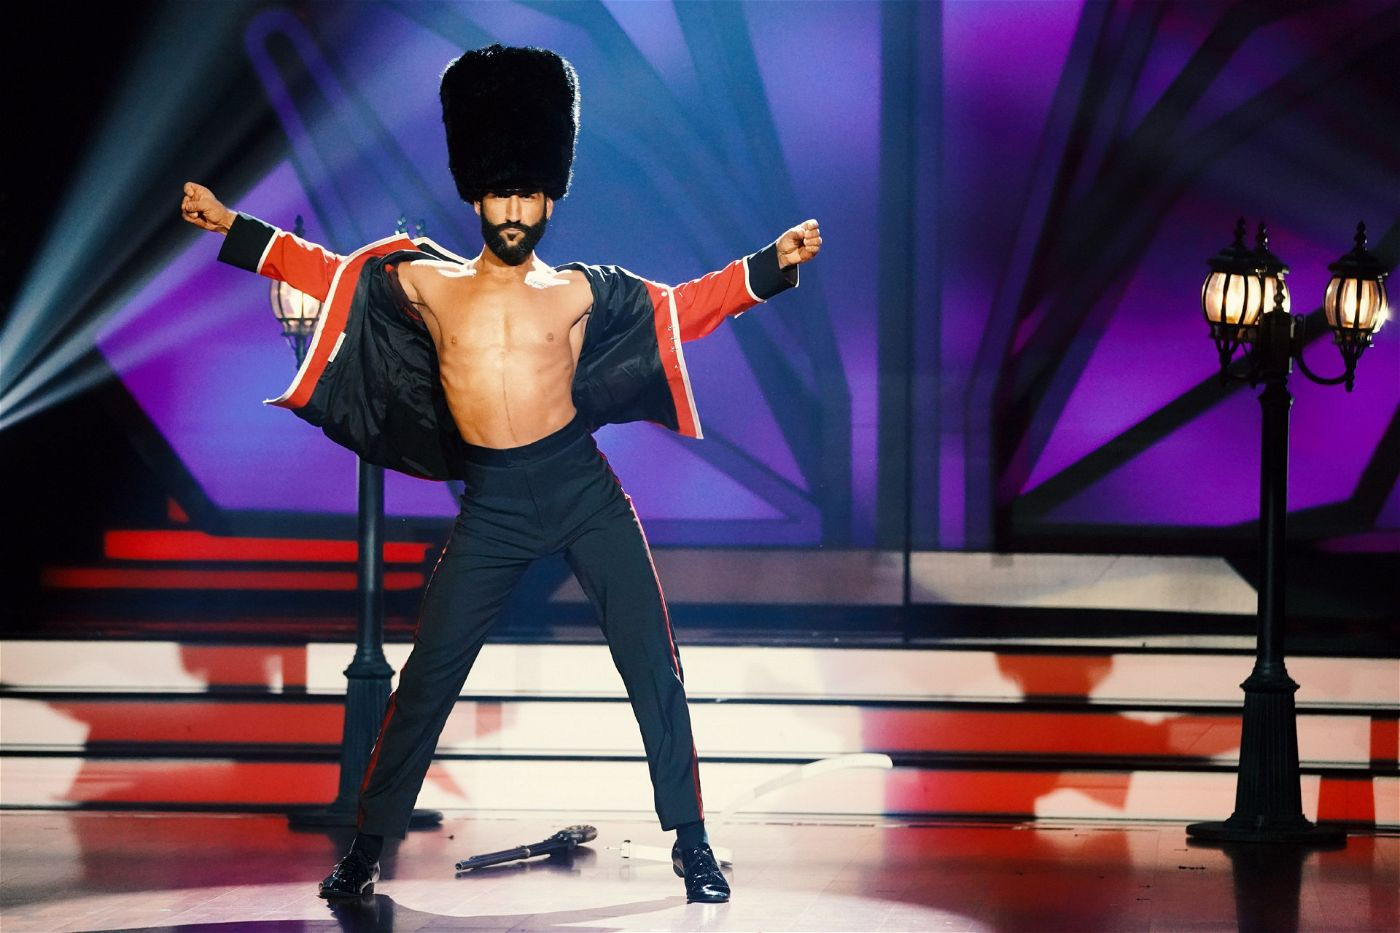 """<p>Alle Infos zu """"Let's Dance"""" im Special bei <a href=""""http://www.rtl.de/cms/sendungen/lets-dance.html"""" target=""""_blank"""" rel=""""nofollow"""">RTL.de</a>.</p>"""